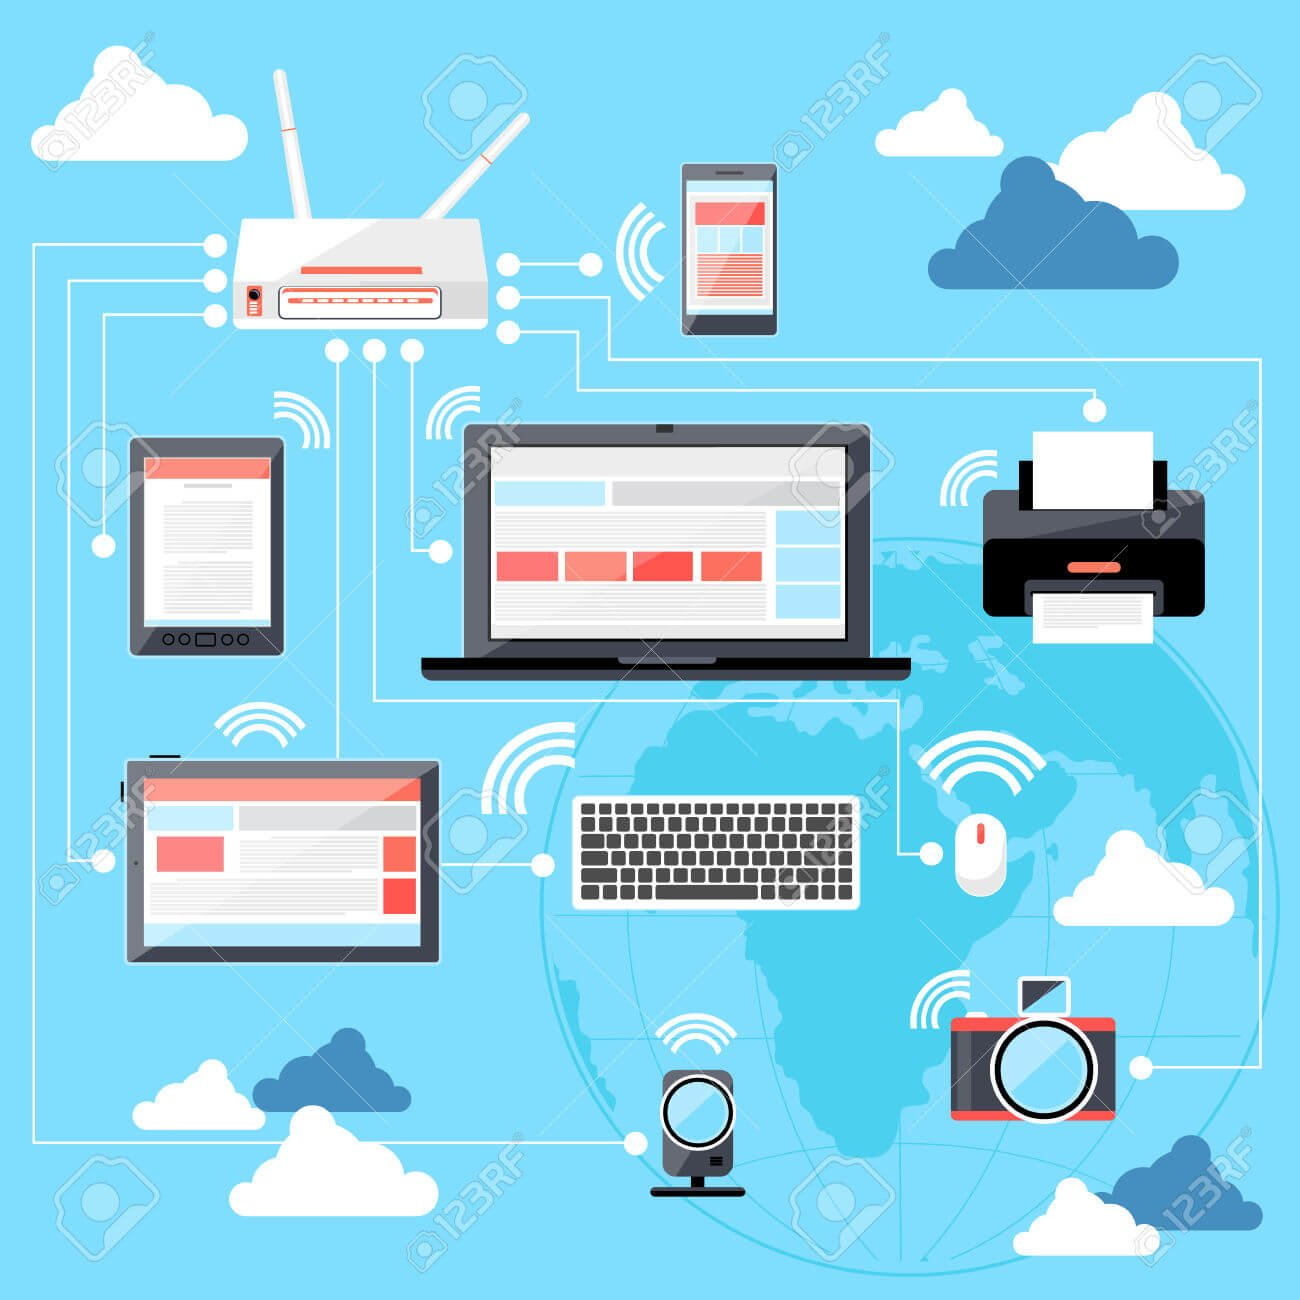 WİFİ ağı çakışma sorunu WİFİ Ağı Çakışma Sorunu WİFİ Ağı Çakışma Sorunu İçin Çözüm wifi agi cakisma